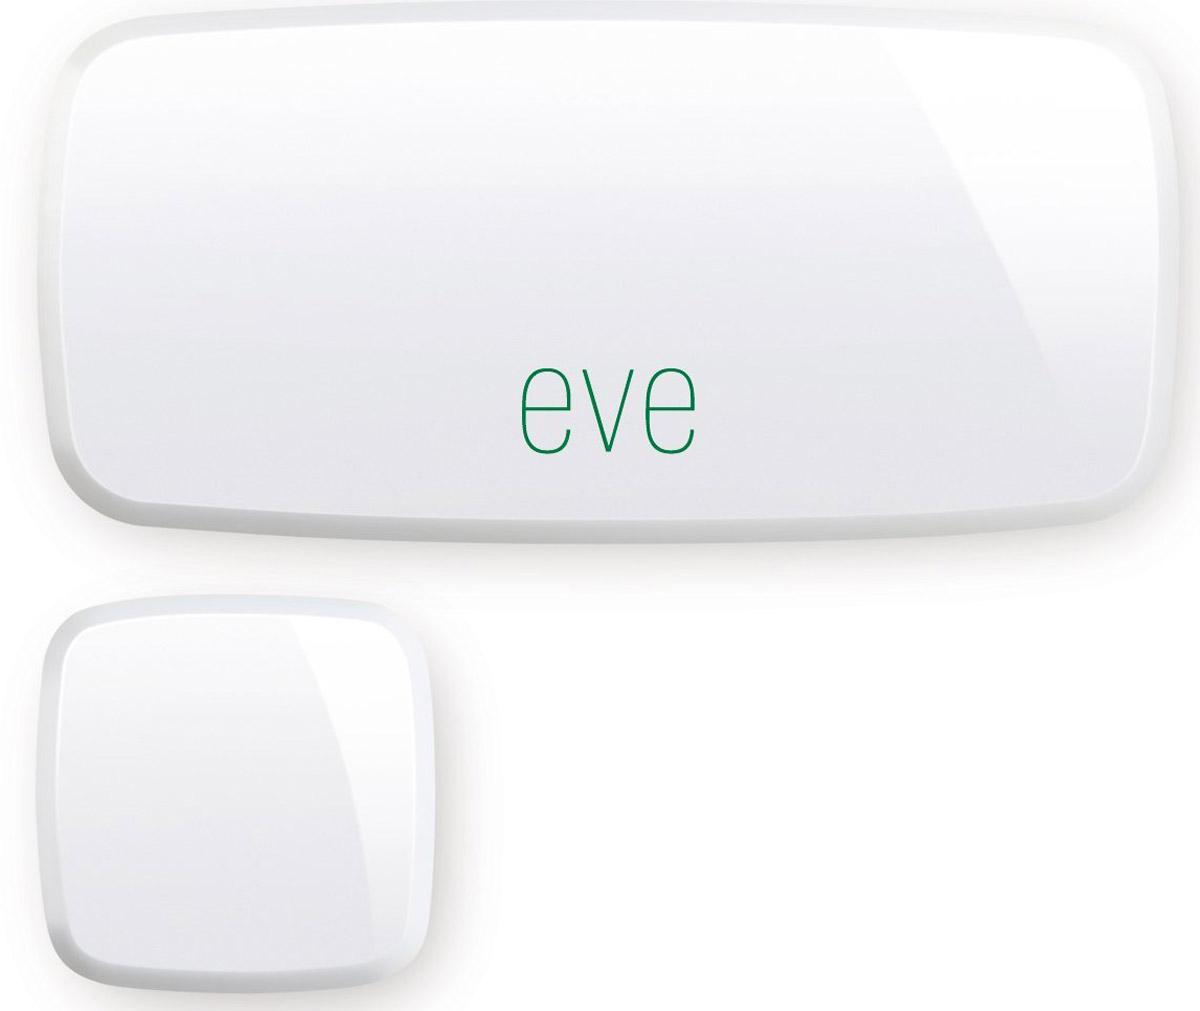 Elgato Eve Door & Window умный датчик охранных систем и сигнализаций1ED109901000